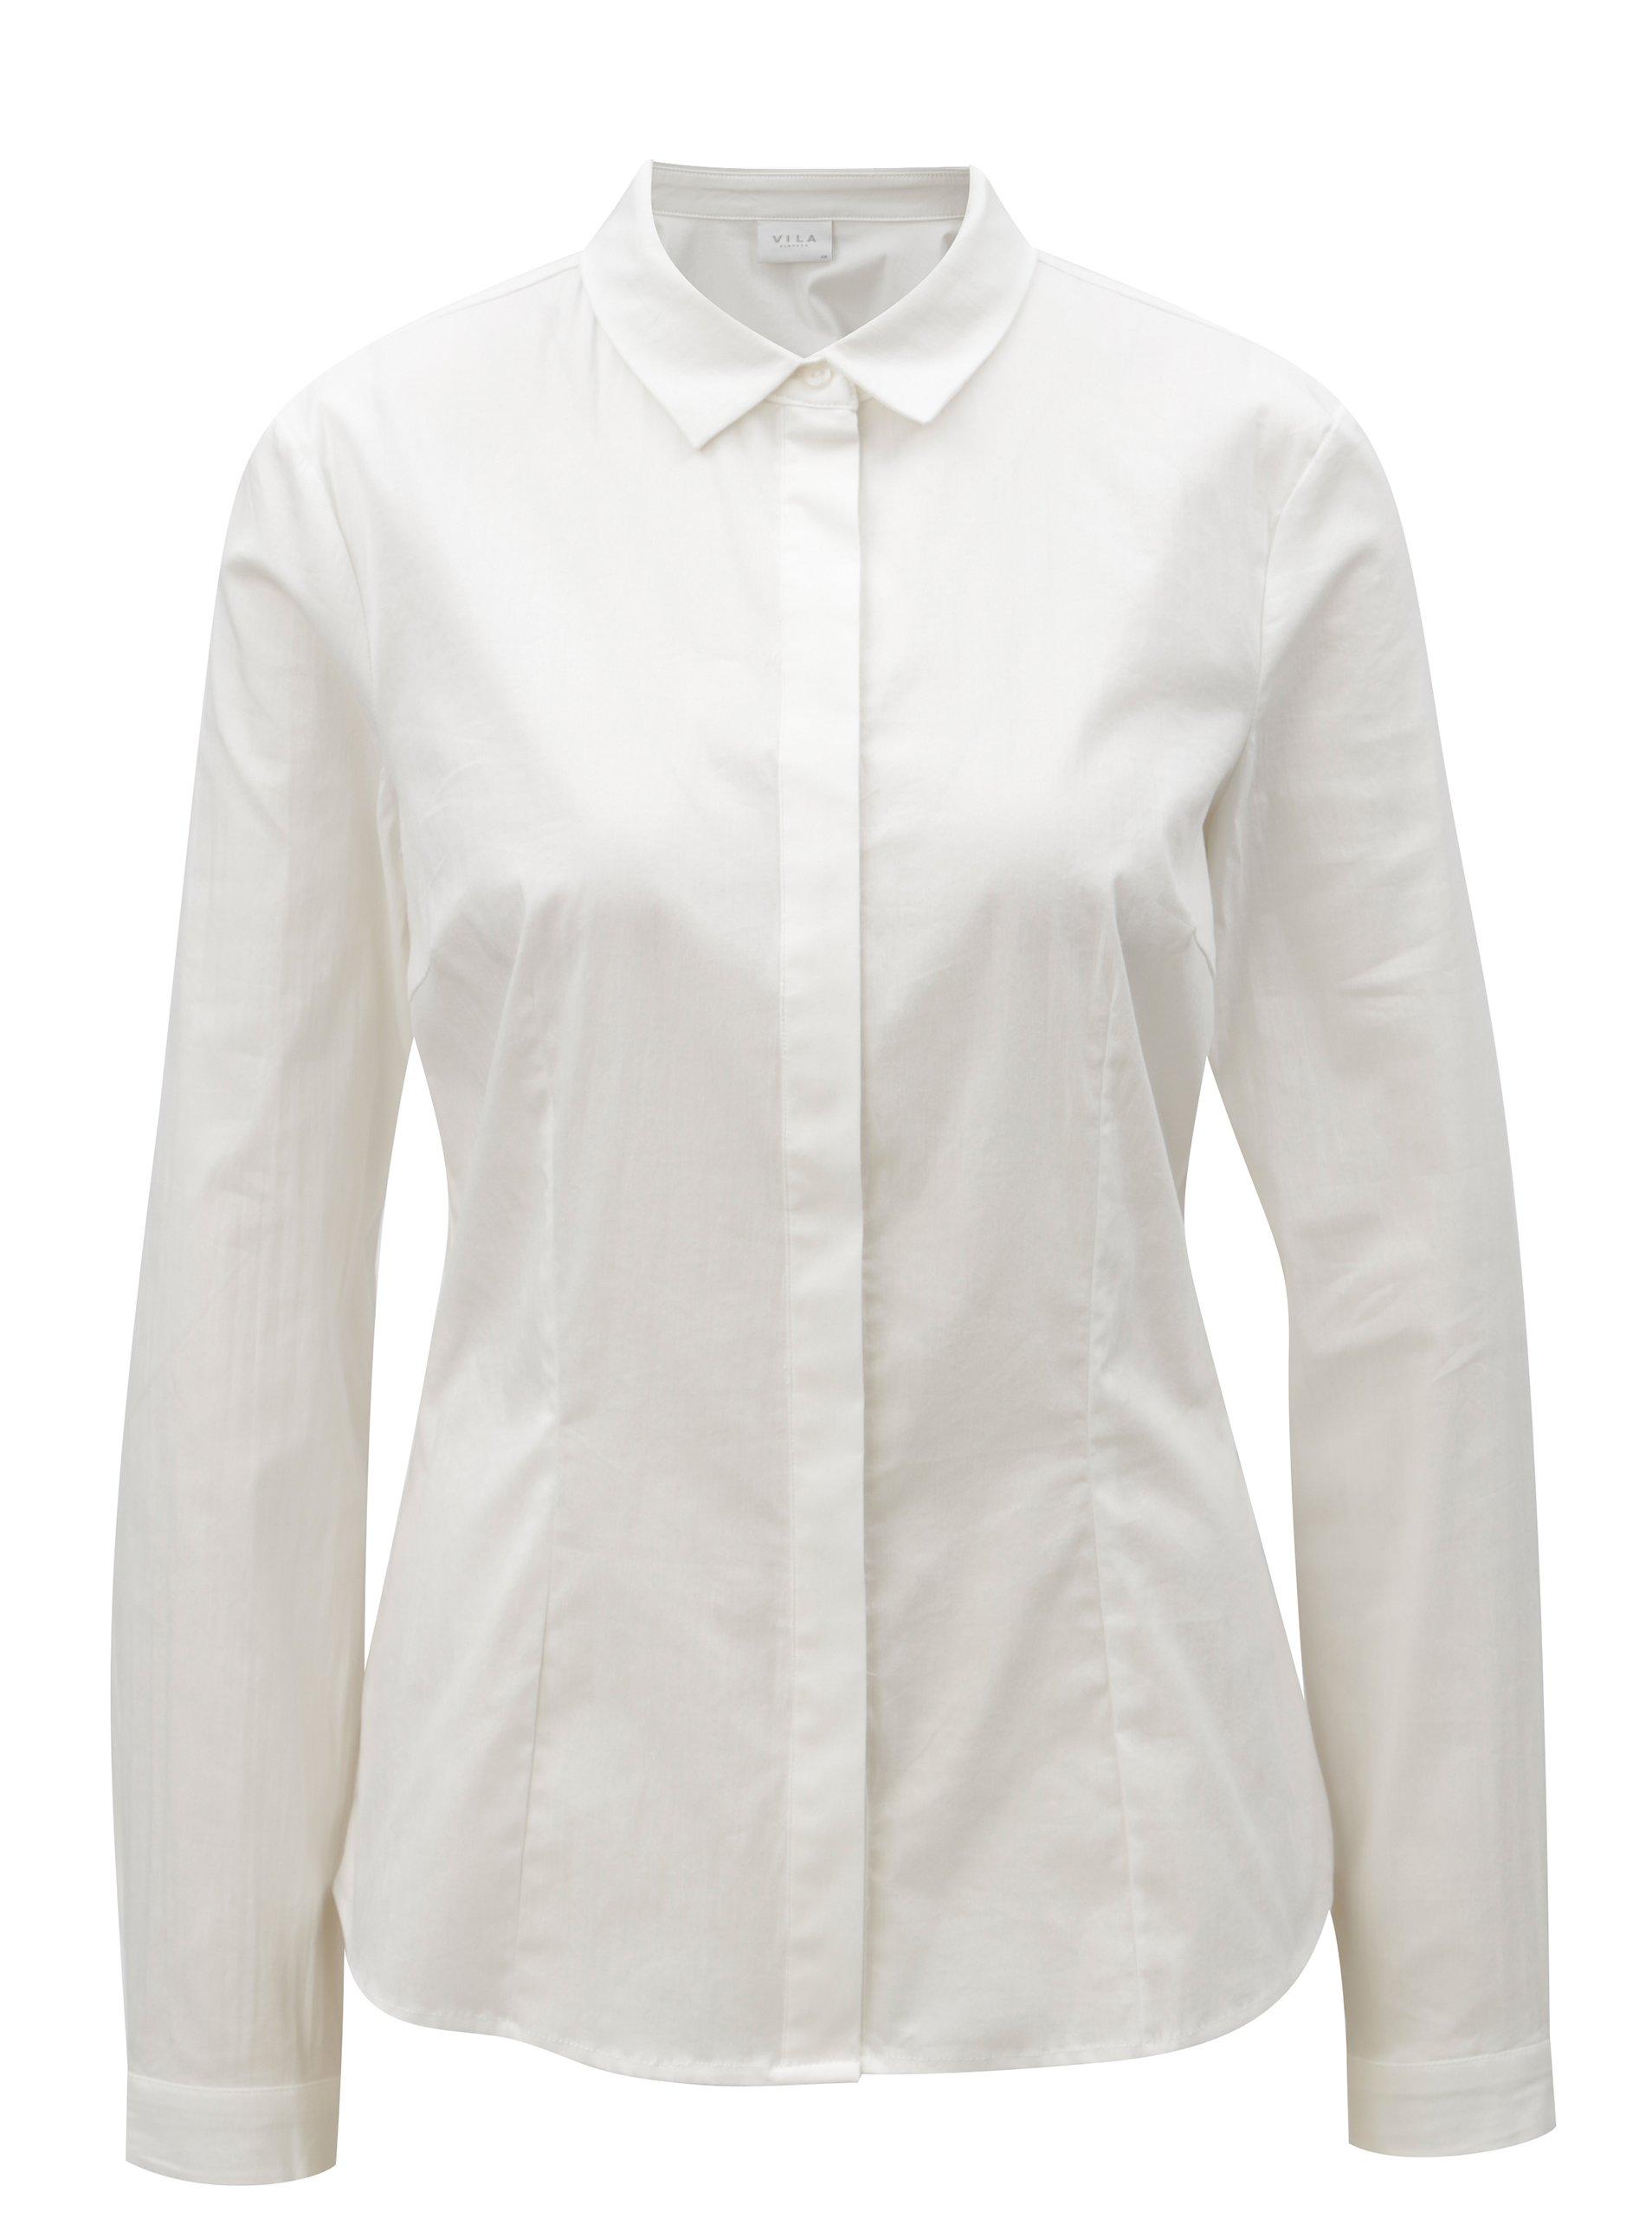 f0afbb21a4c Bílá košile VILA White